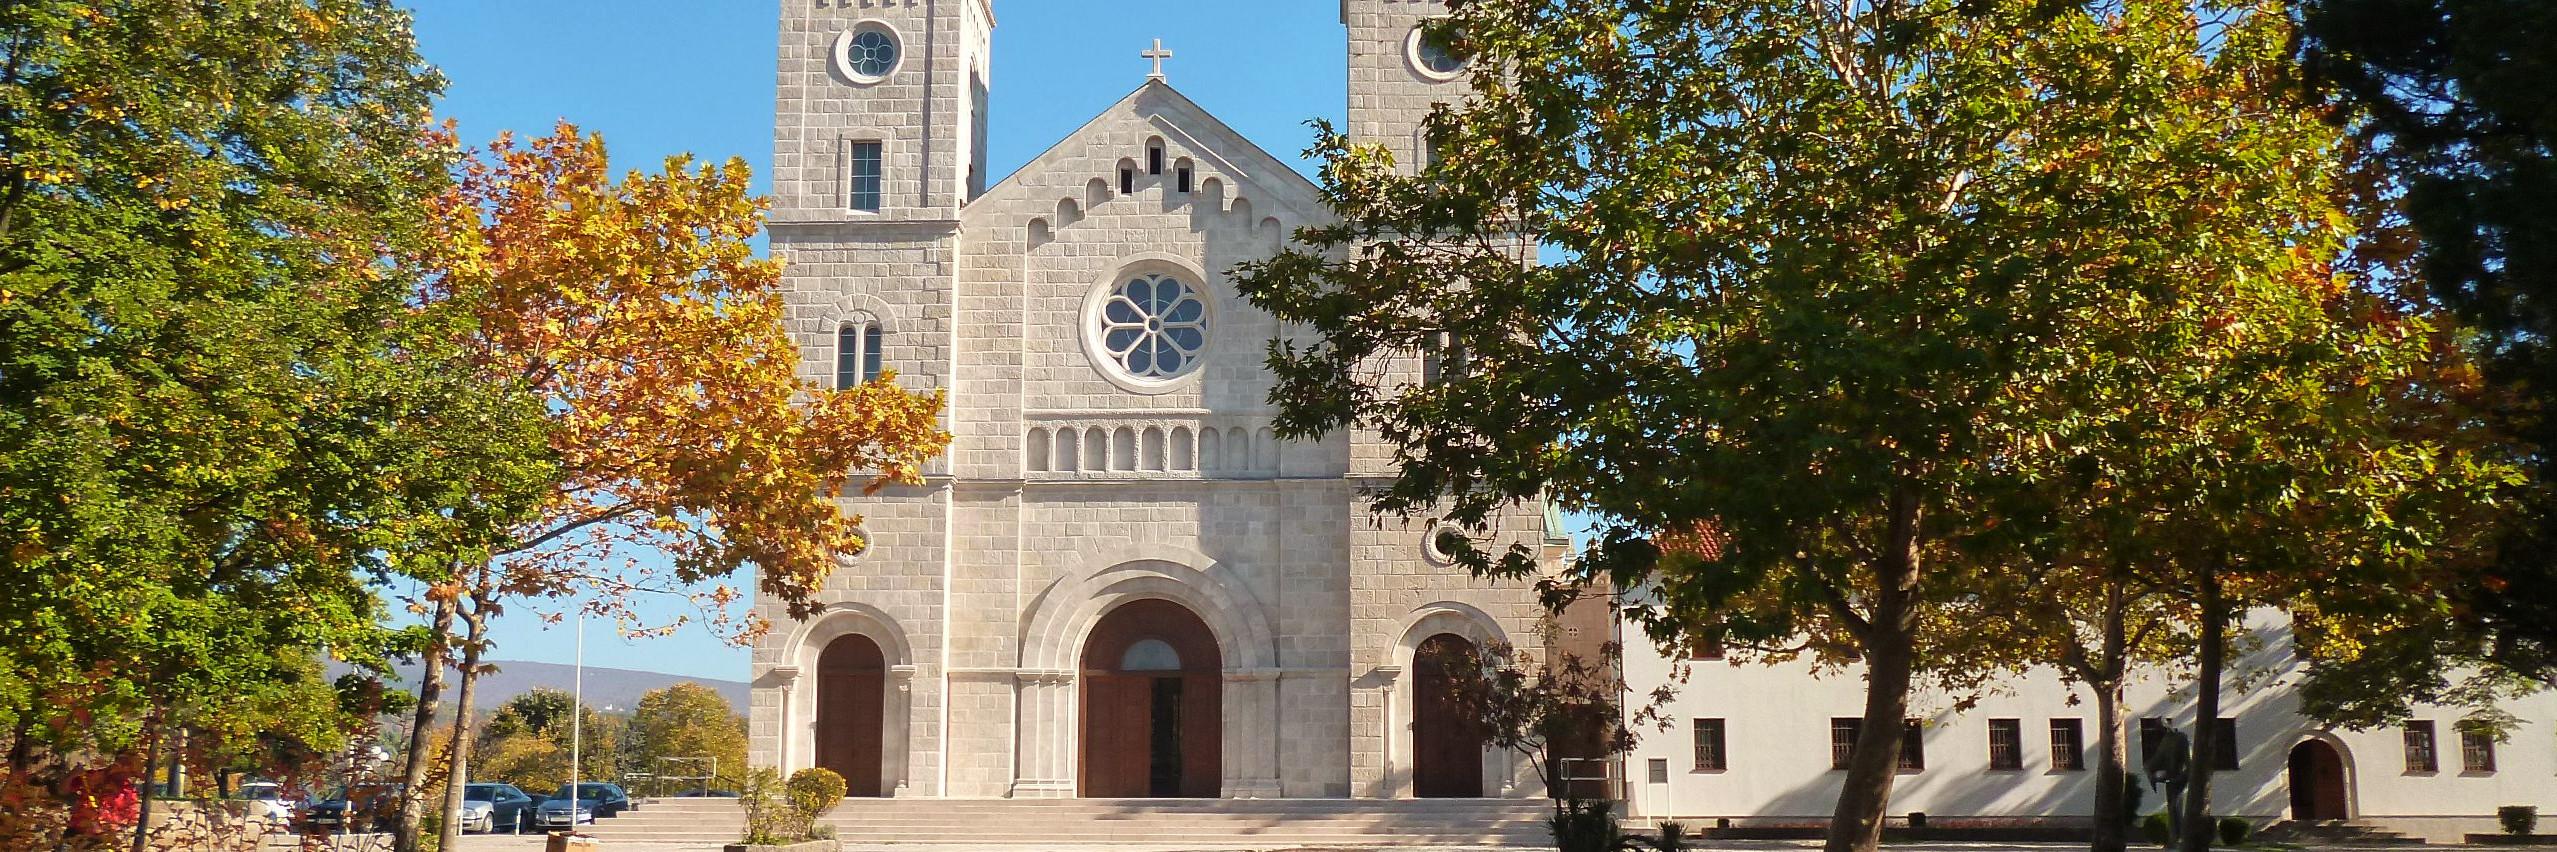 Церковь Вознесения Девы Марии в Широком Бриеге